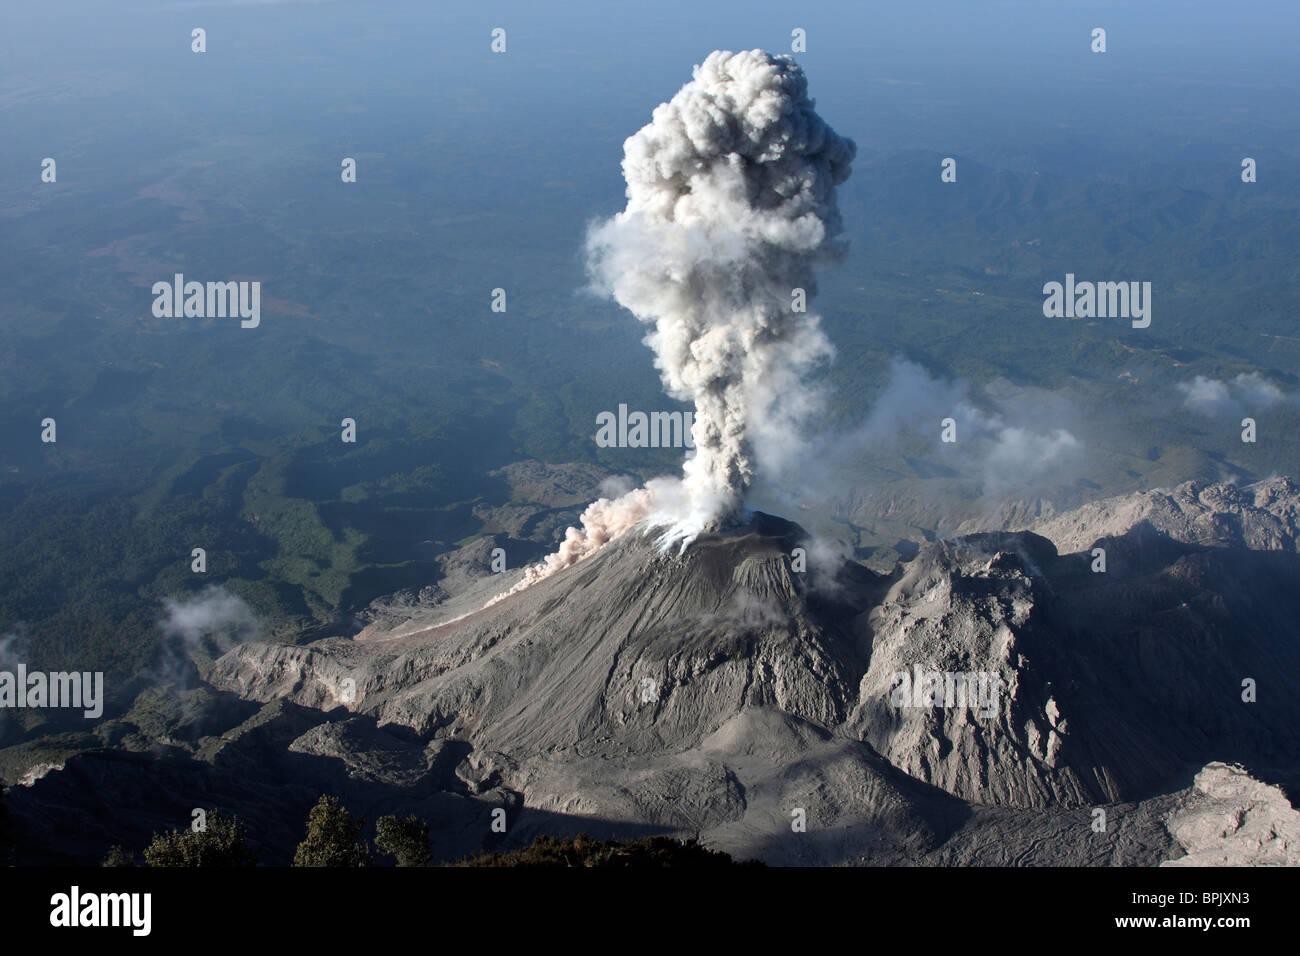 3 janvier 2009 - Éruption de cendres de Santiaguito, au Guatemala. Photo Stock